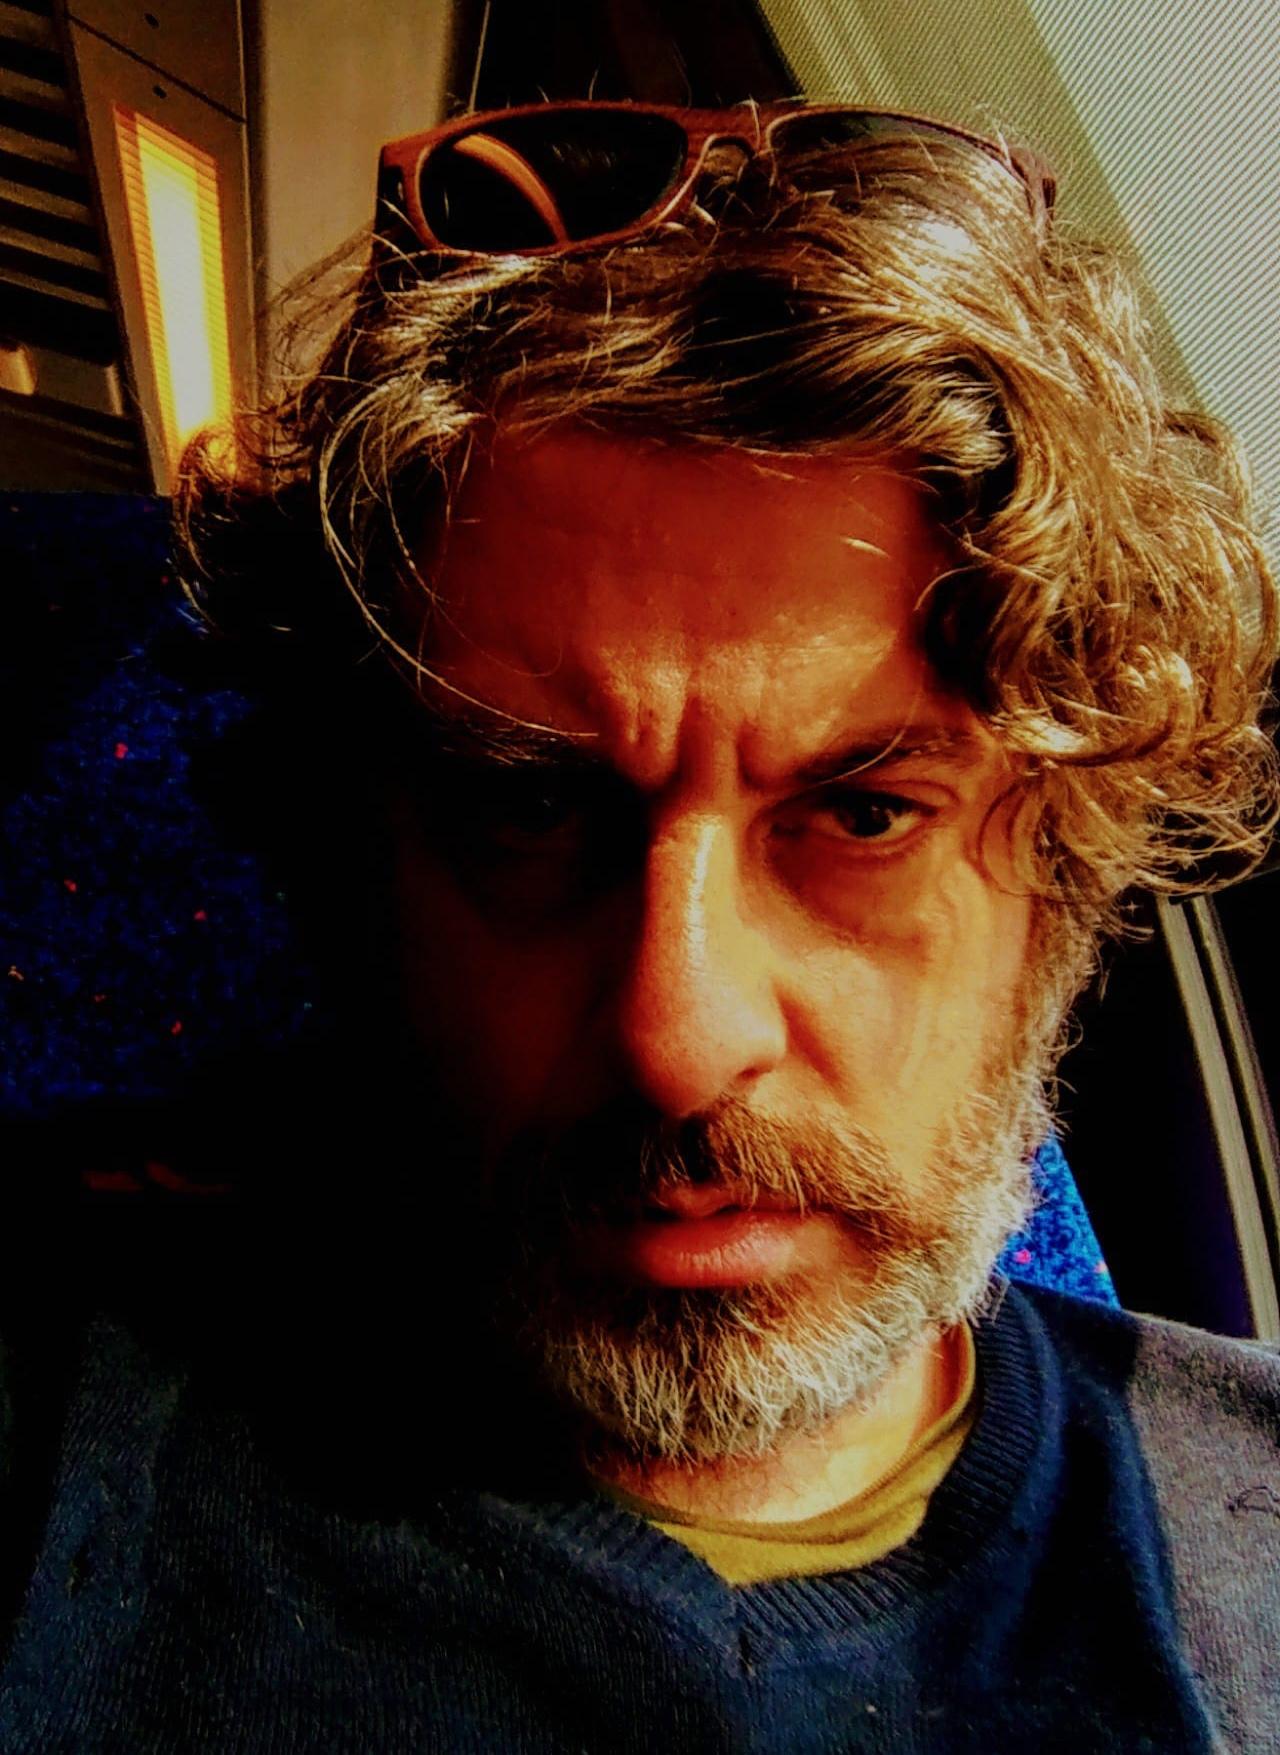 راجي بطحيش: ليس على الكاتب أن يكون حكواتياً يسلي القراء، بل فناناً